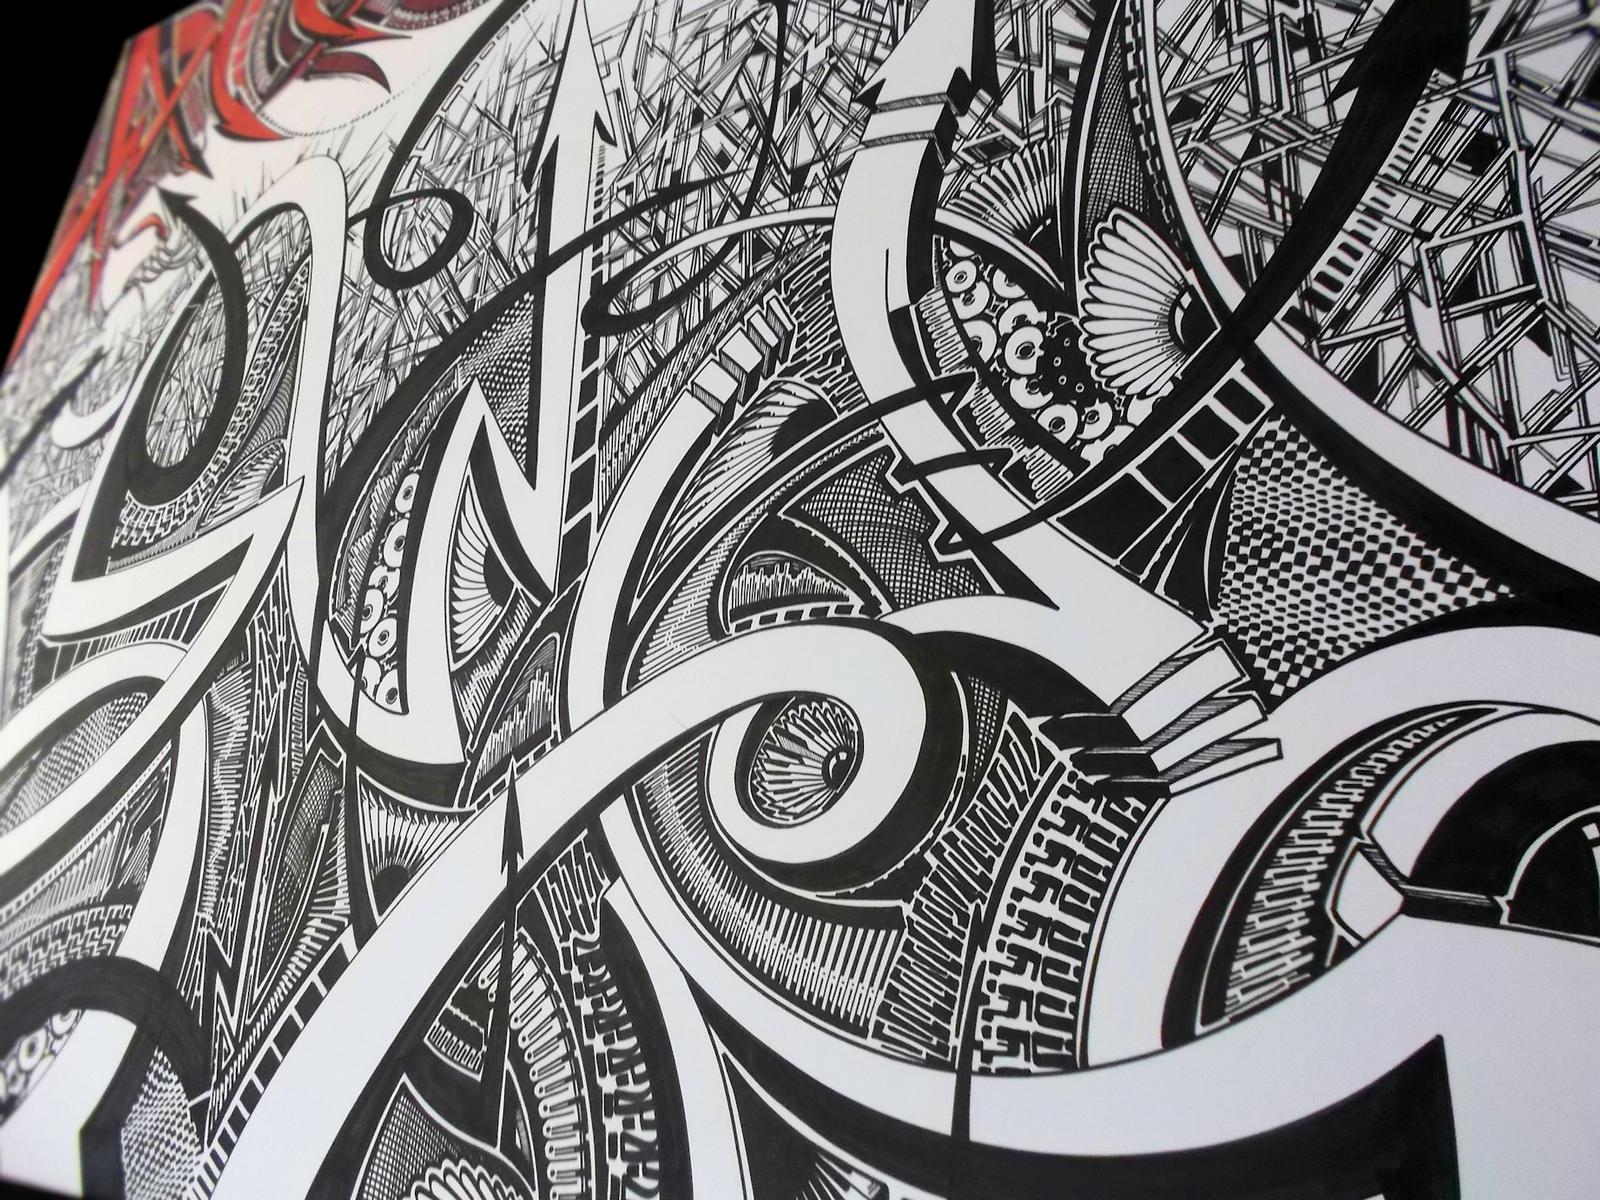 Sharpie Art Close-Up by PinstripeChris